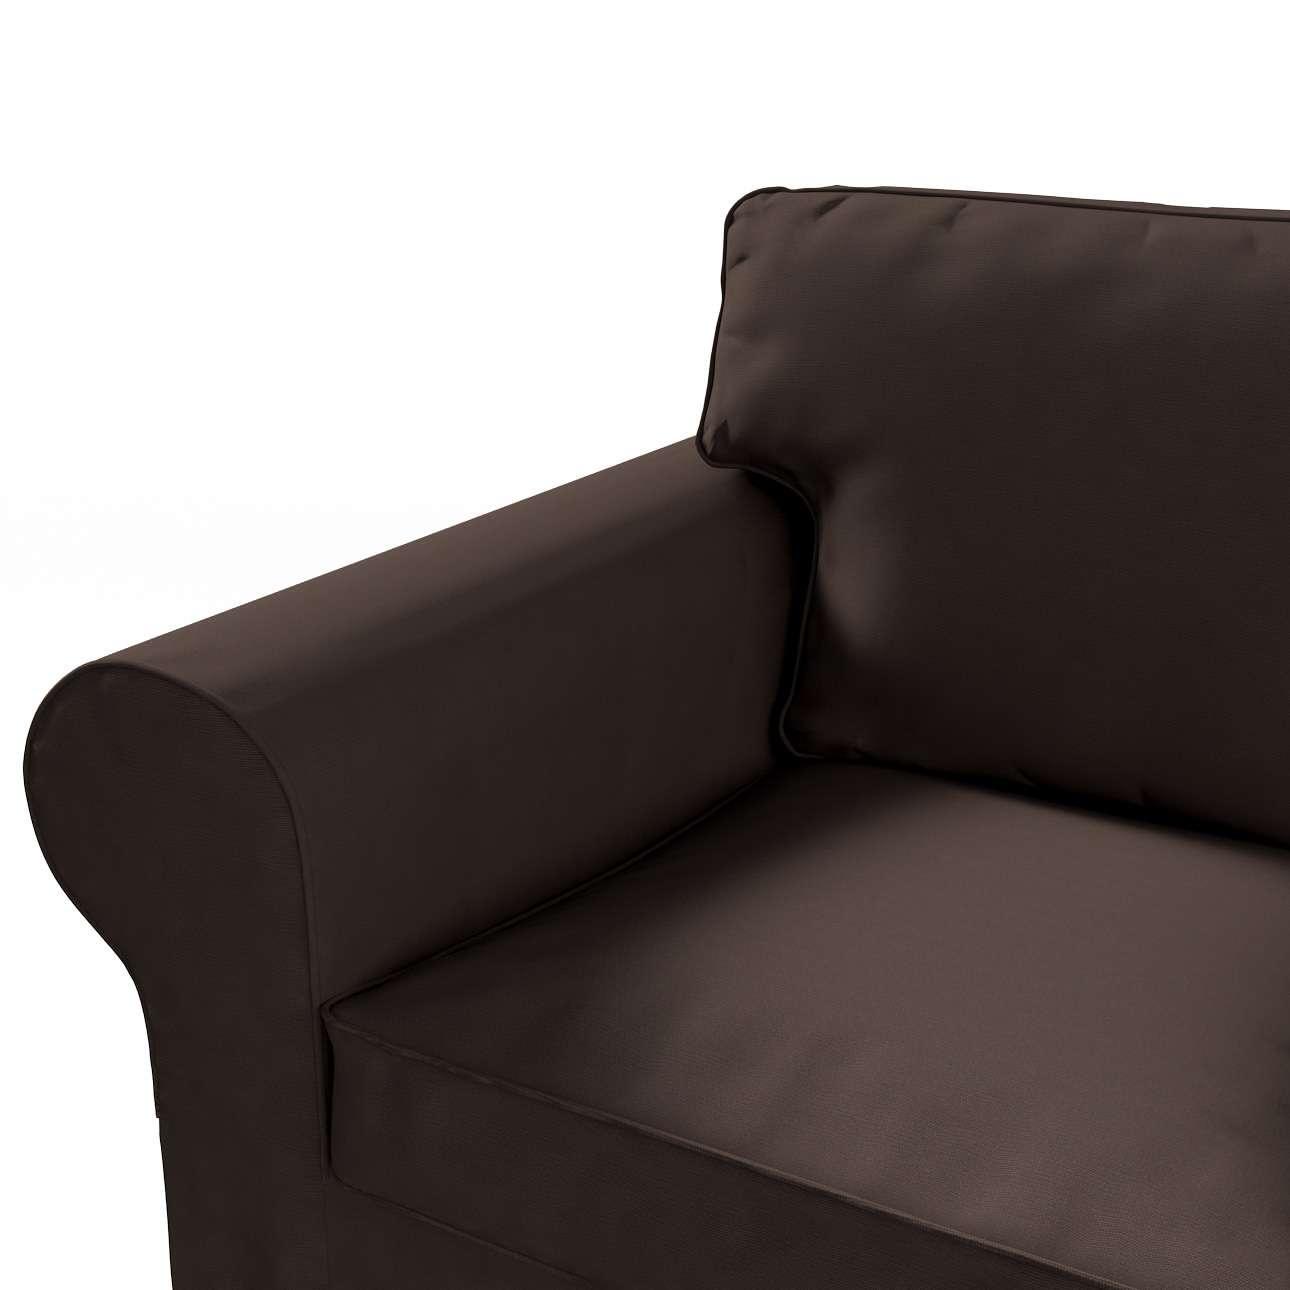 Pokrowiec na sofę Ektorp 3-osobową, rozkładaną, PIXBO w kolekcji Cotton Panama, tkanina: 702-03